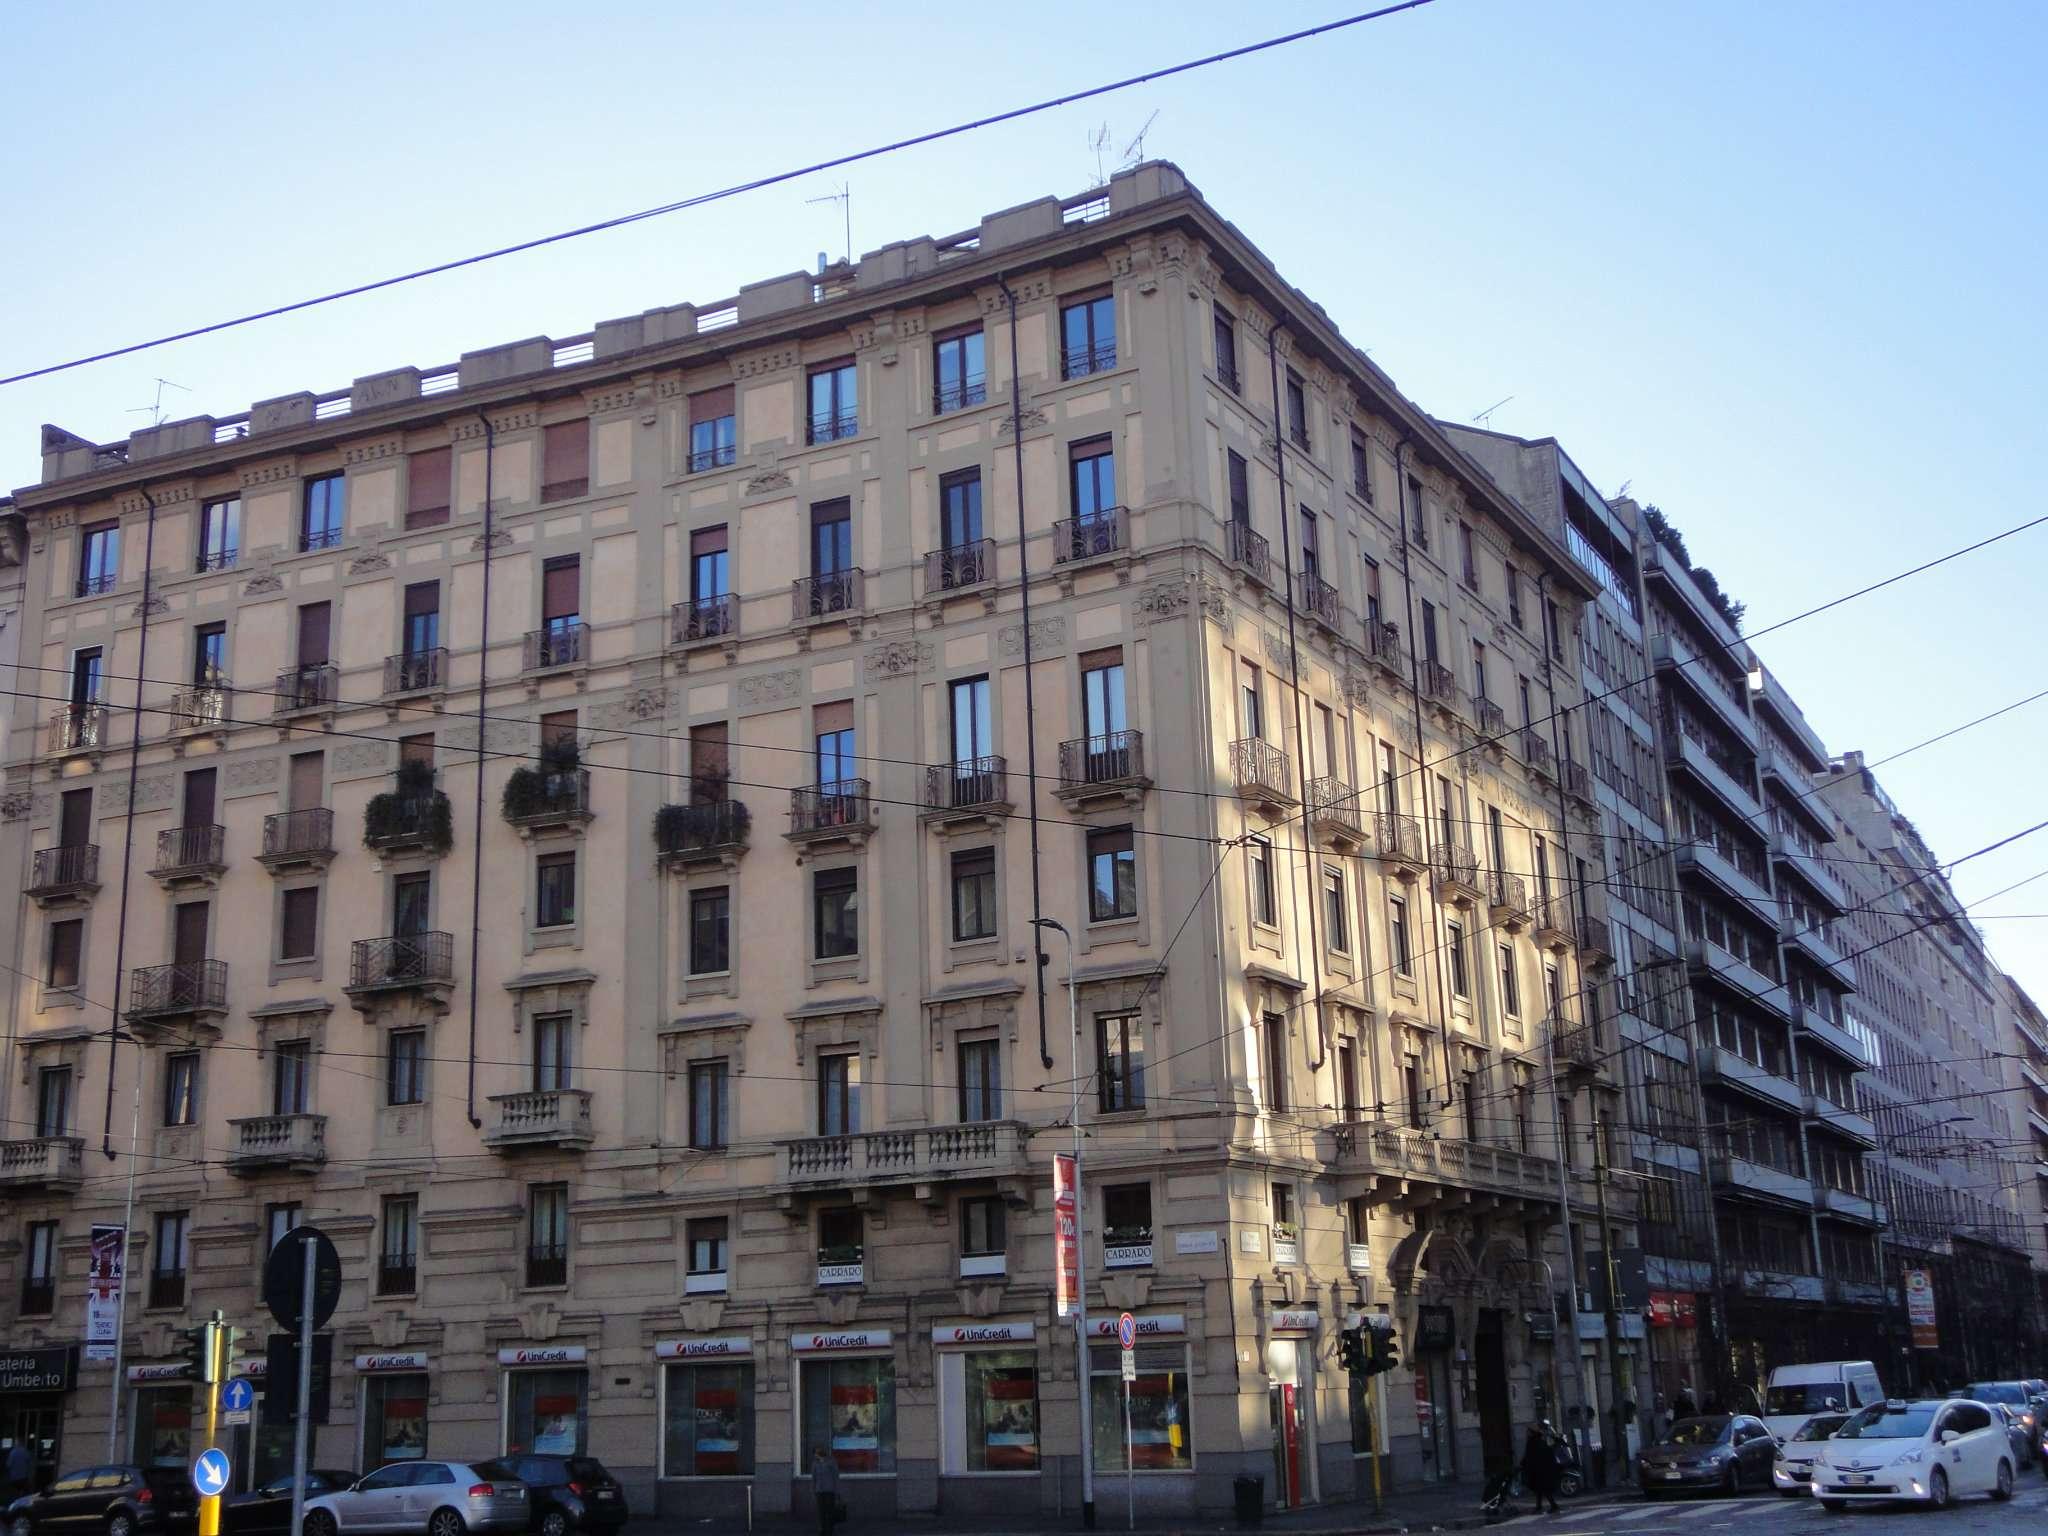 Appartamento arredato affitto a milano for Affitto arredato milano